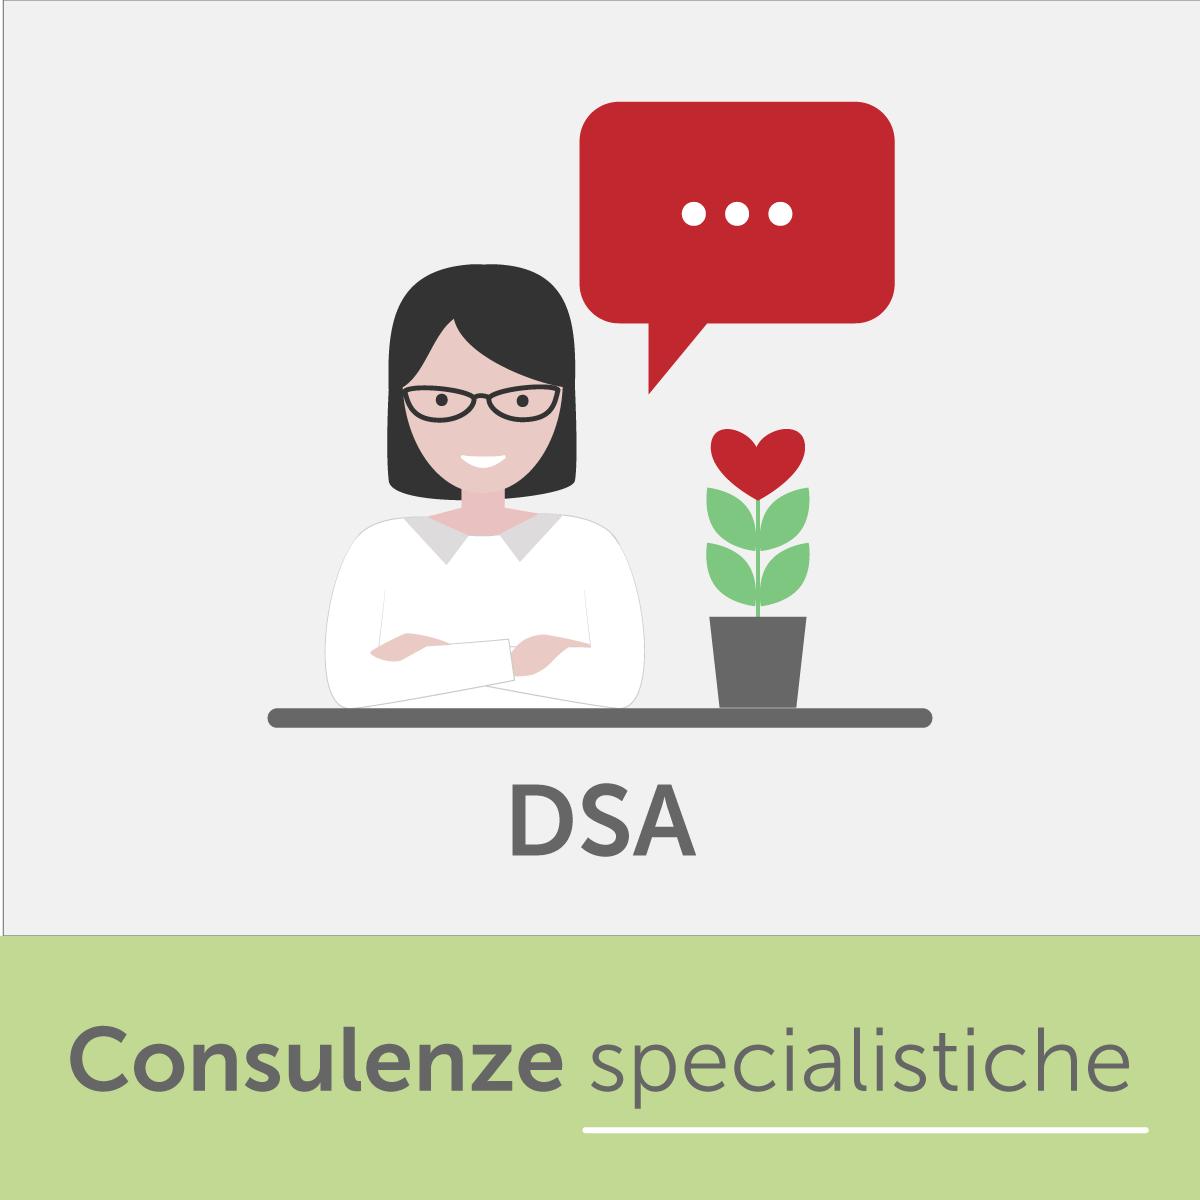 Consulenza DSA